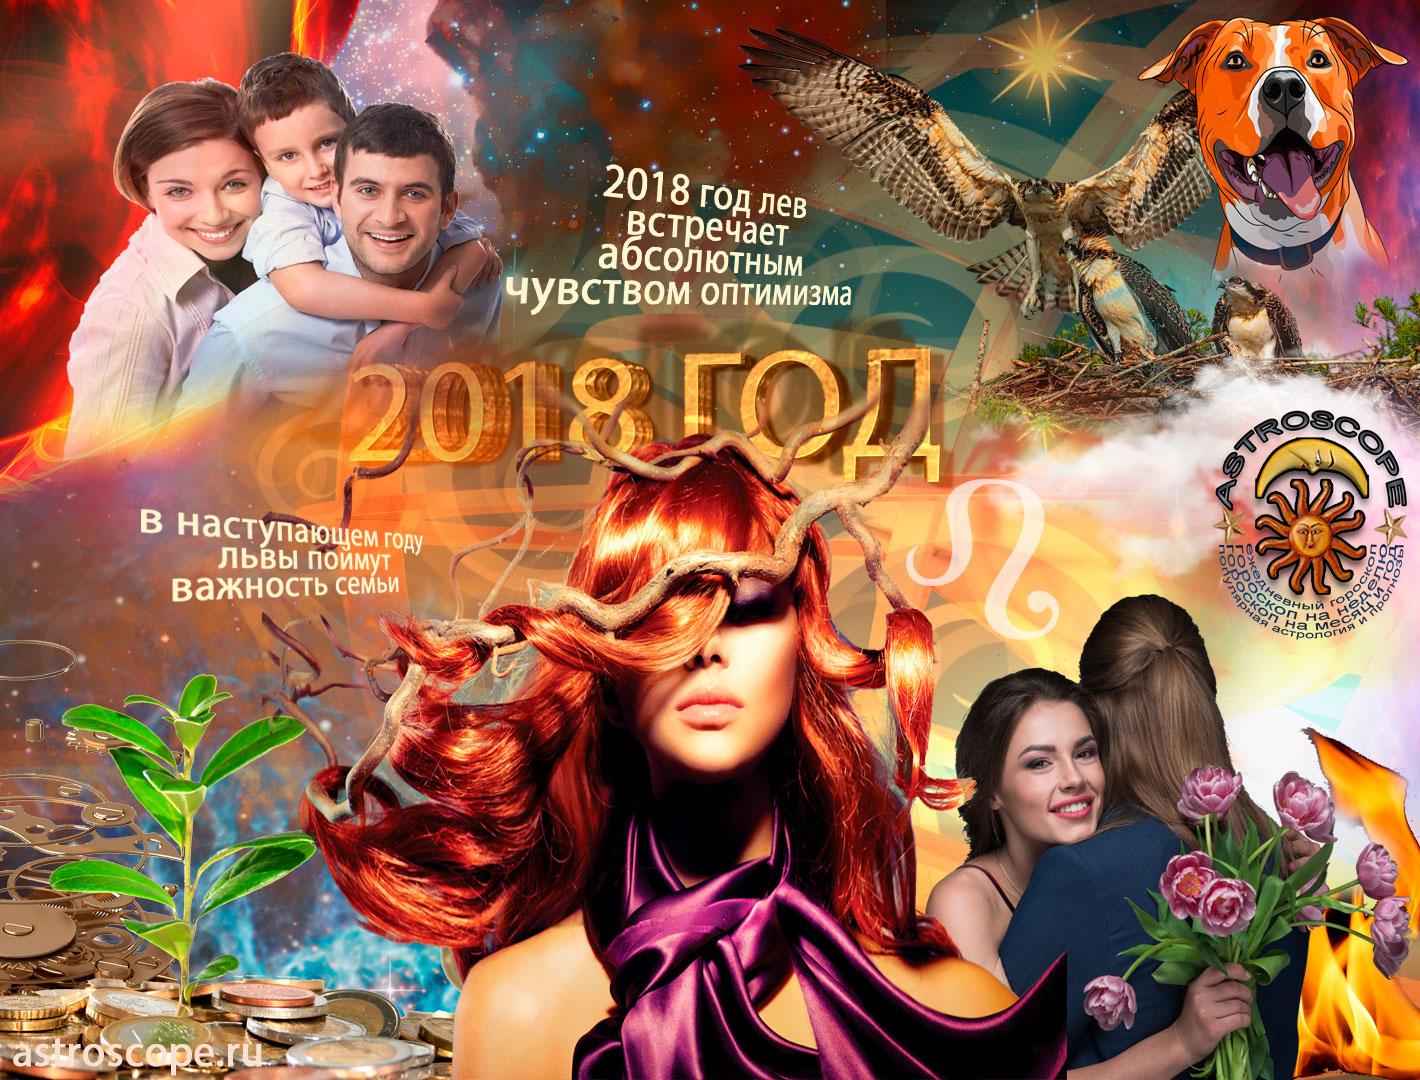 Гороскоп на 2018 год Лев, астрологический прогноз на 2018 год для Львов